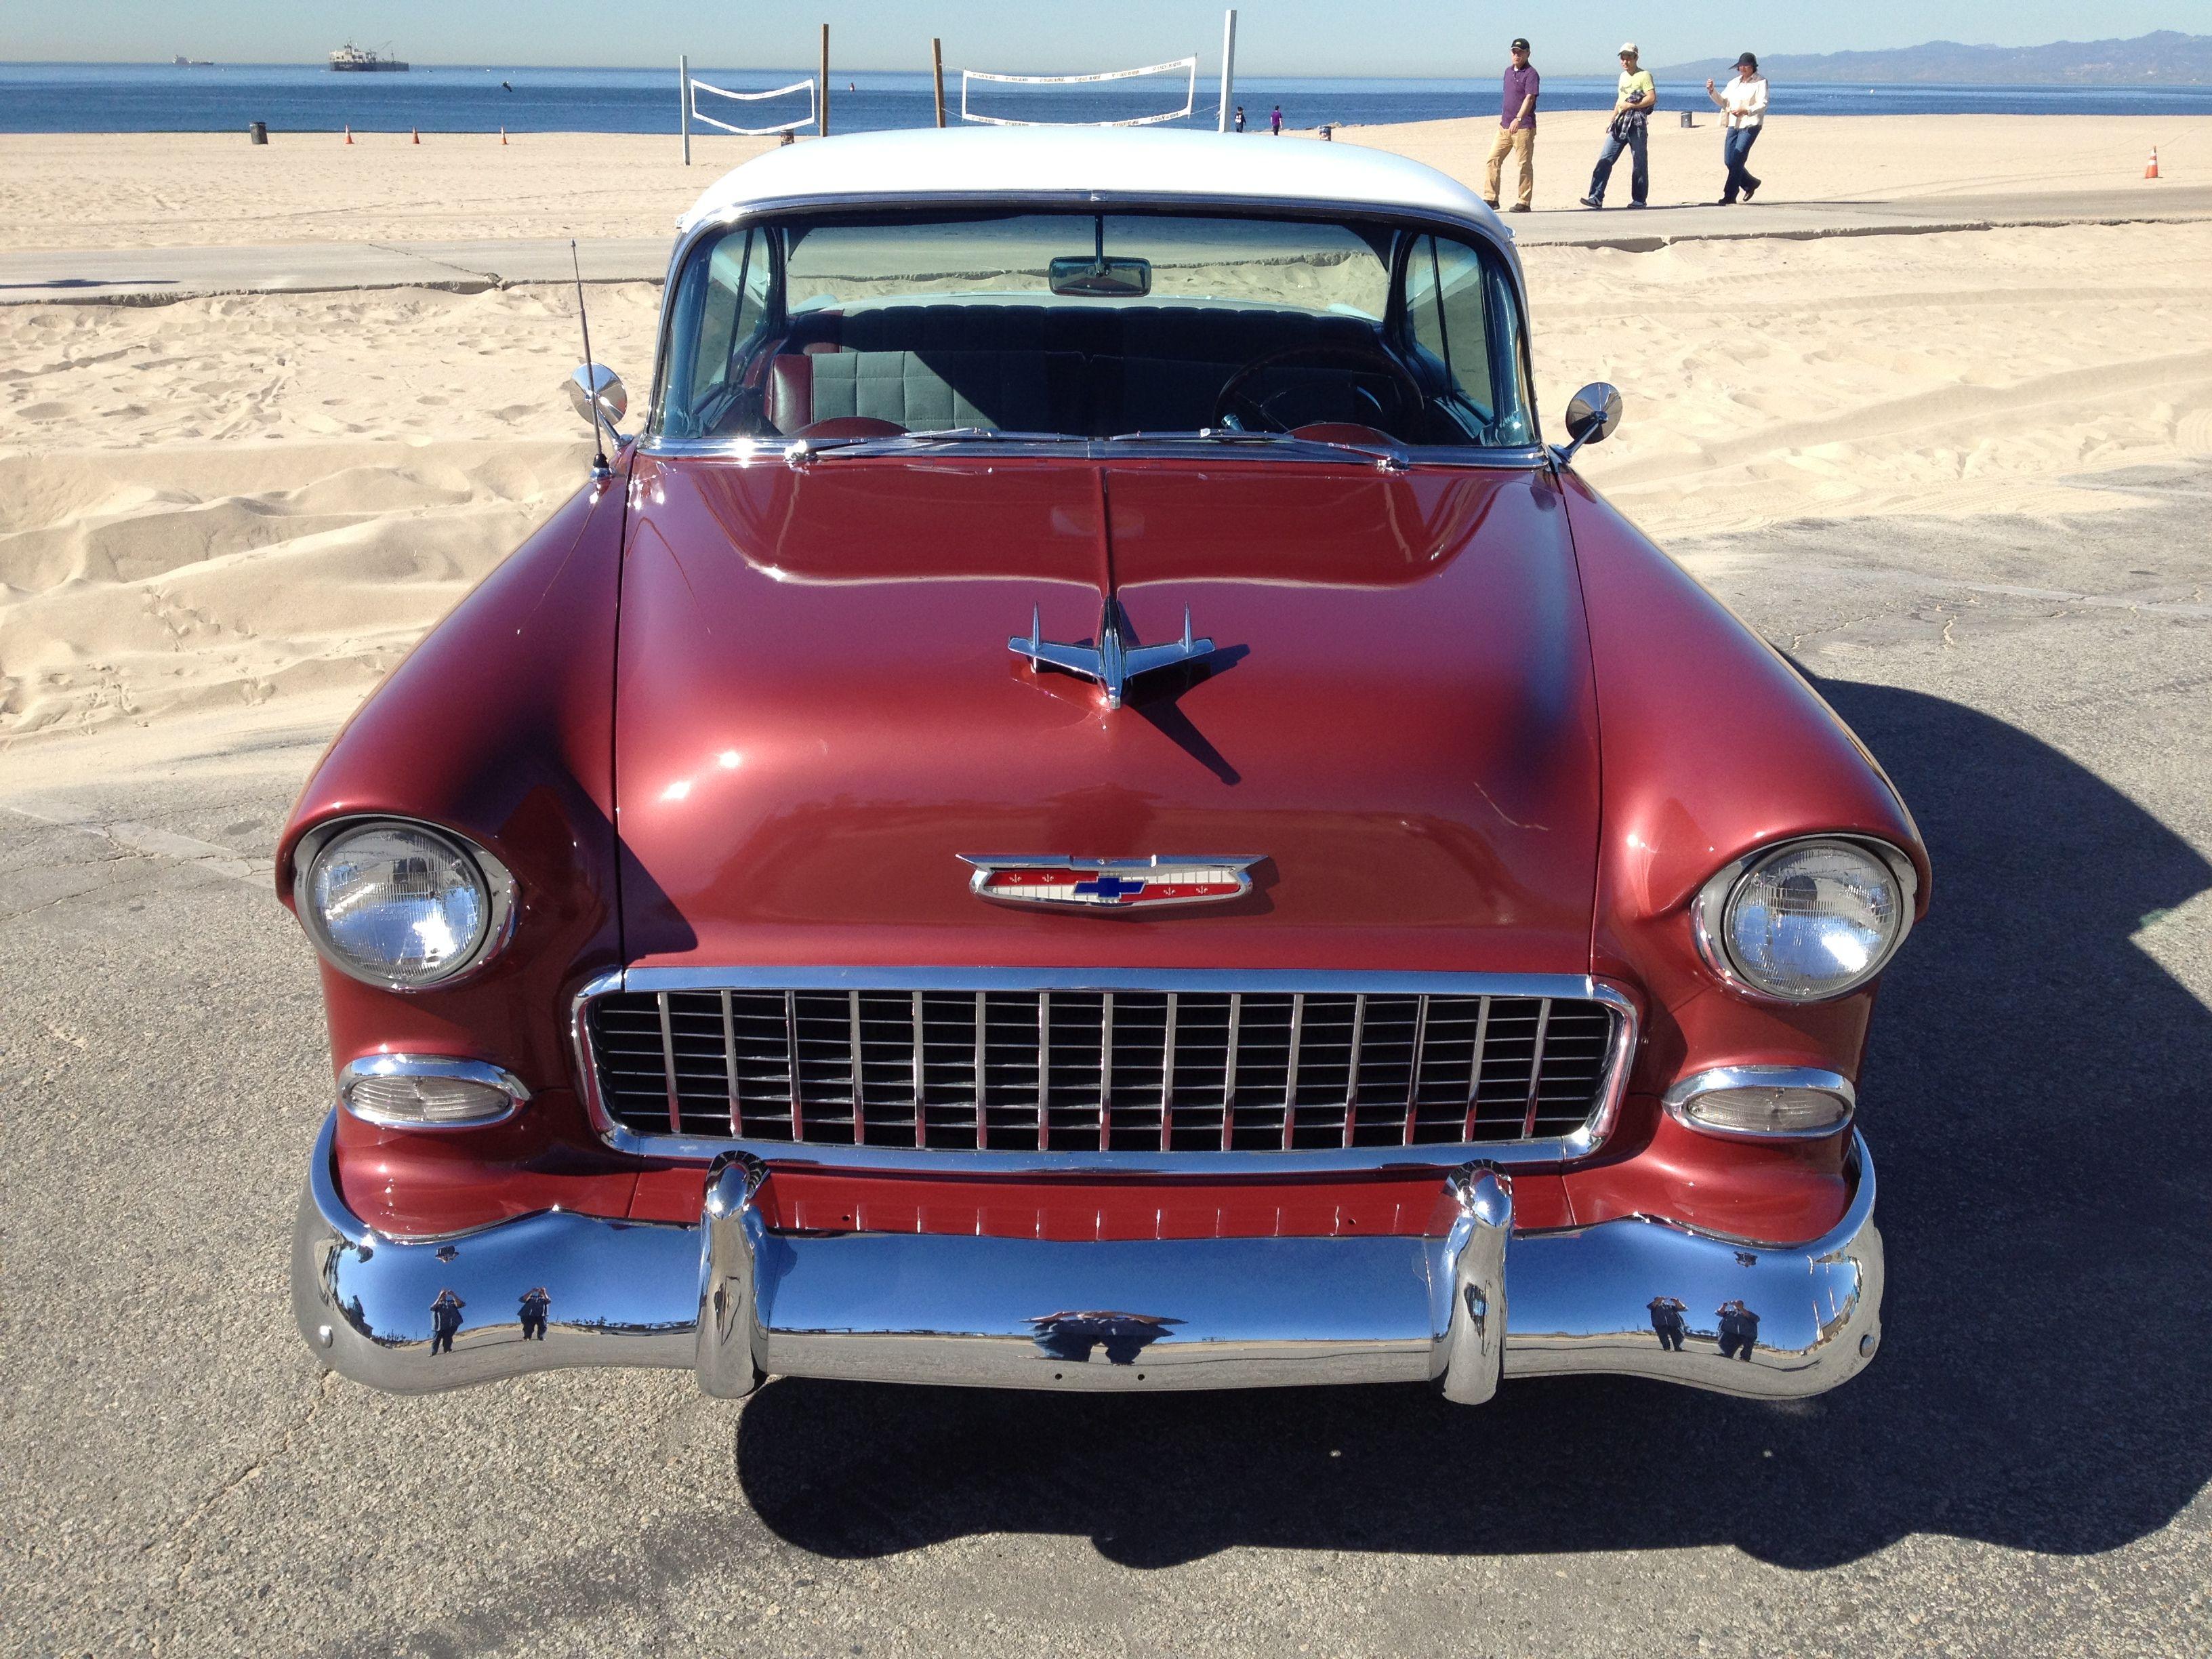 1955 Chevy Bel Air, 2 door Hardtop